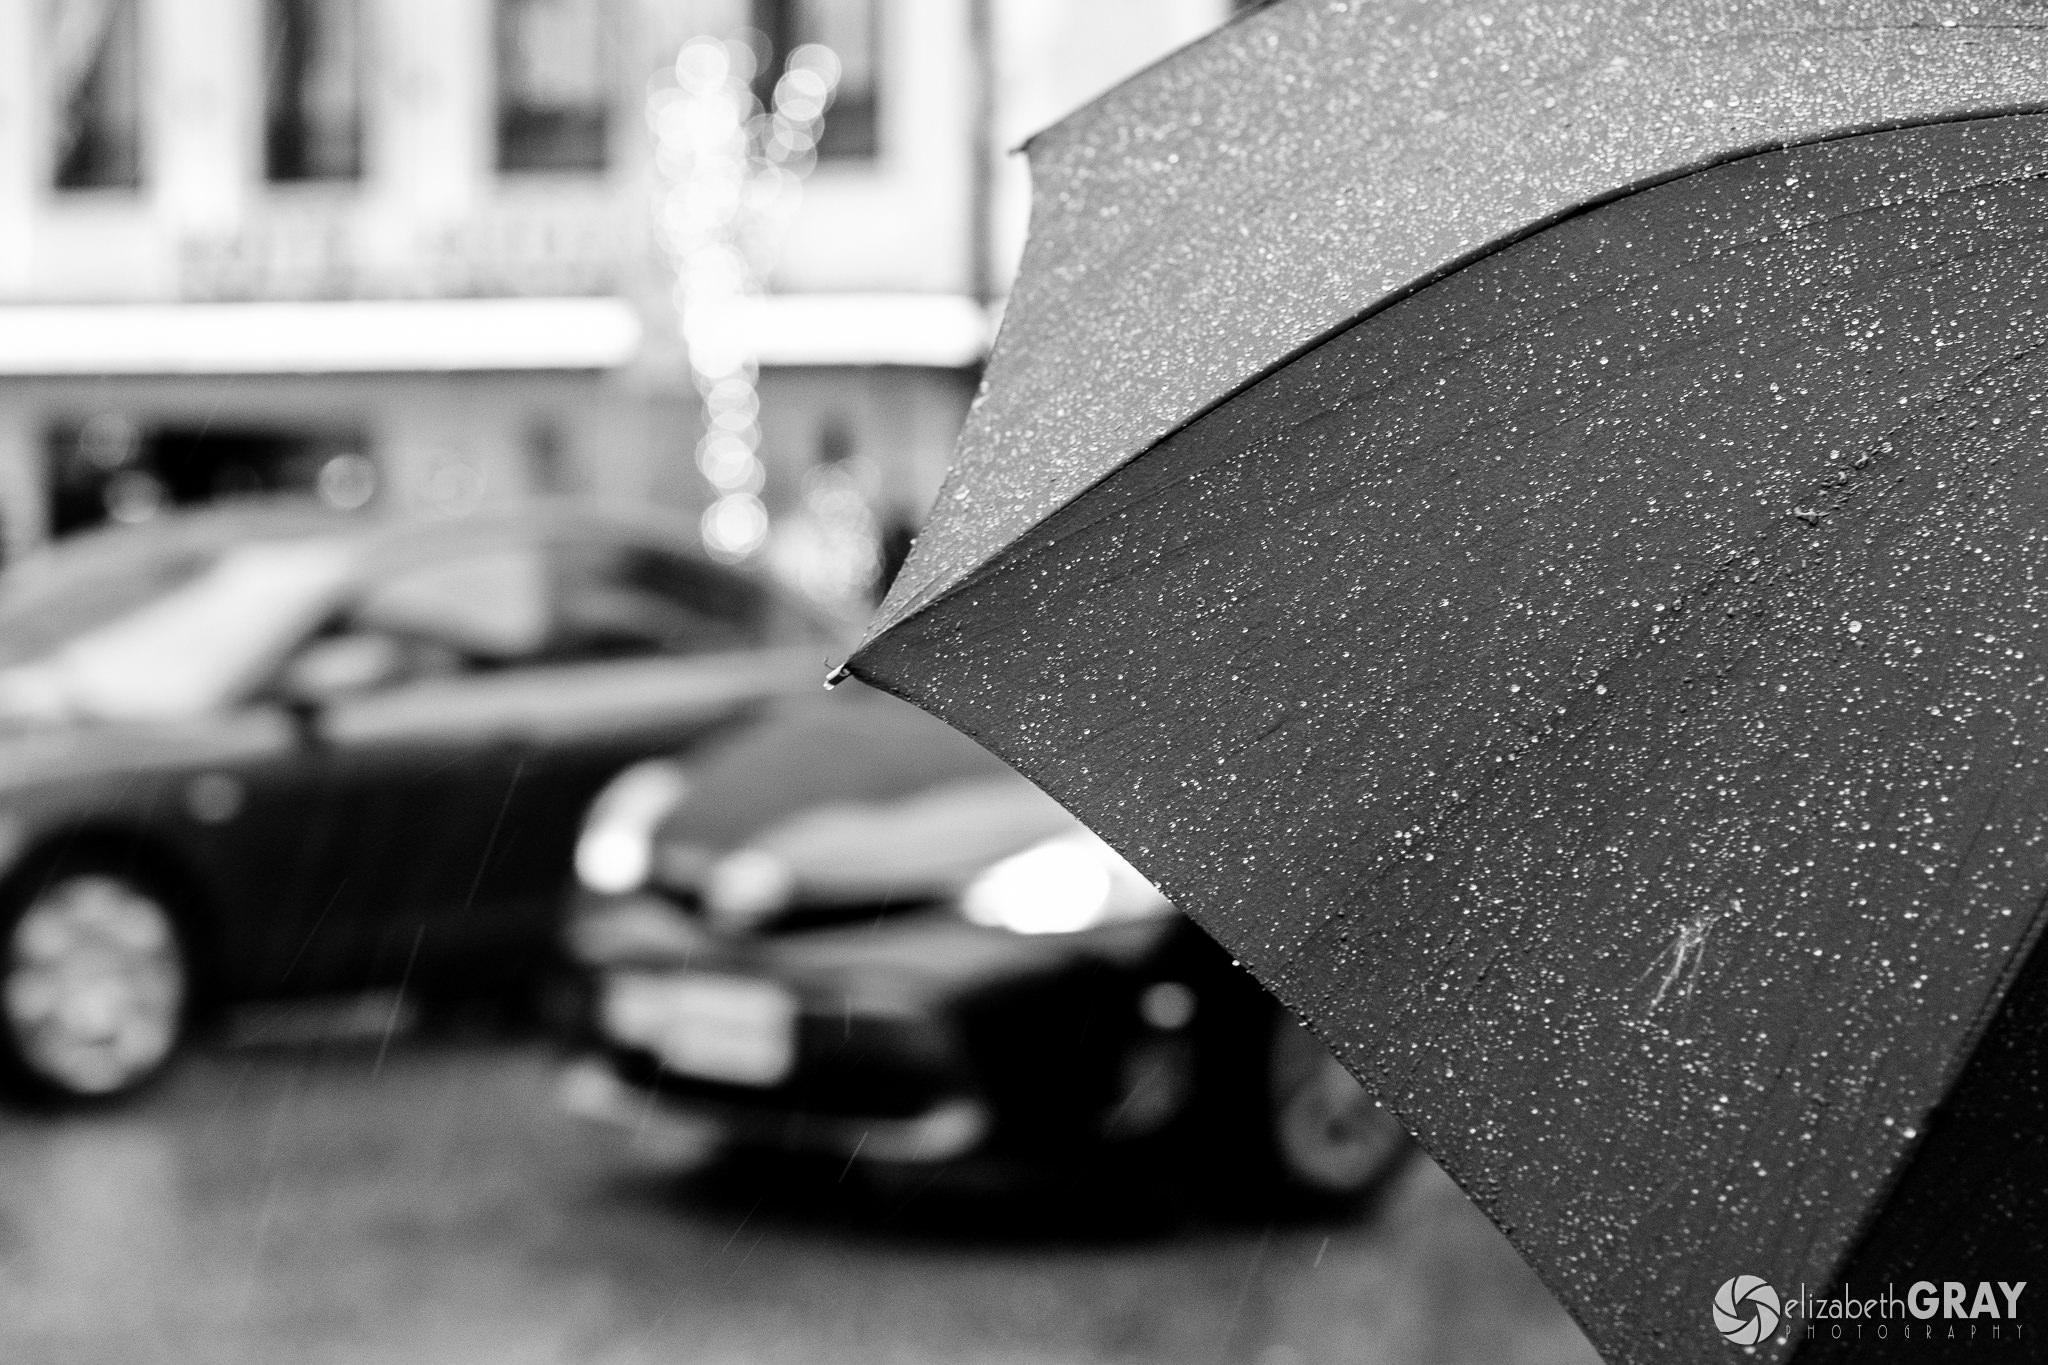 Umbrella Drops